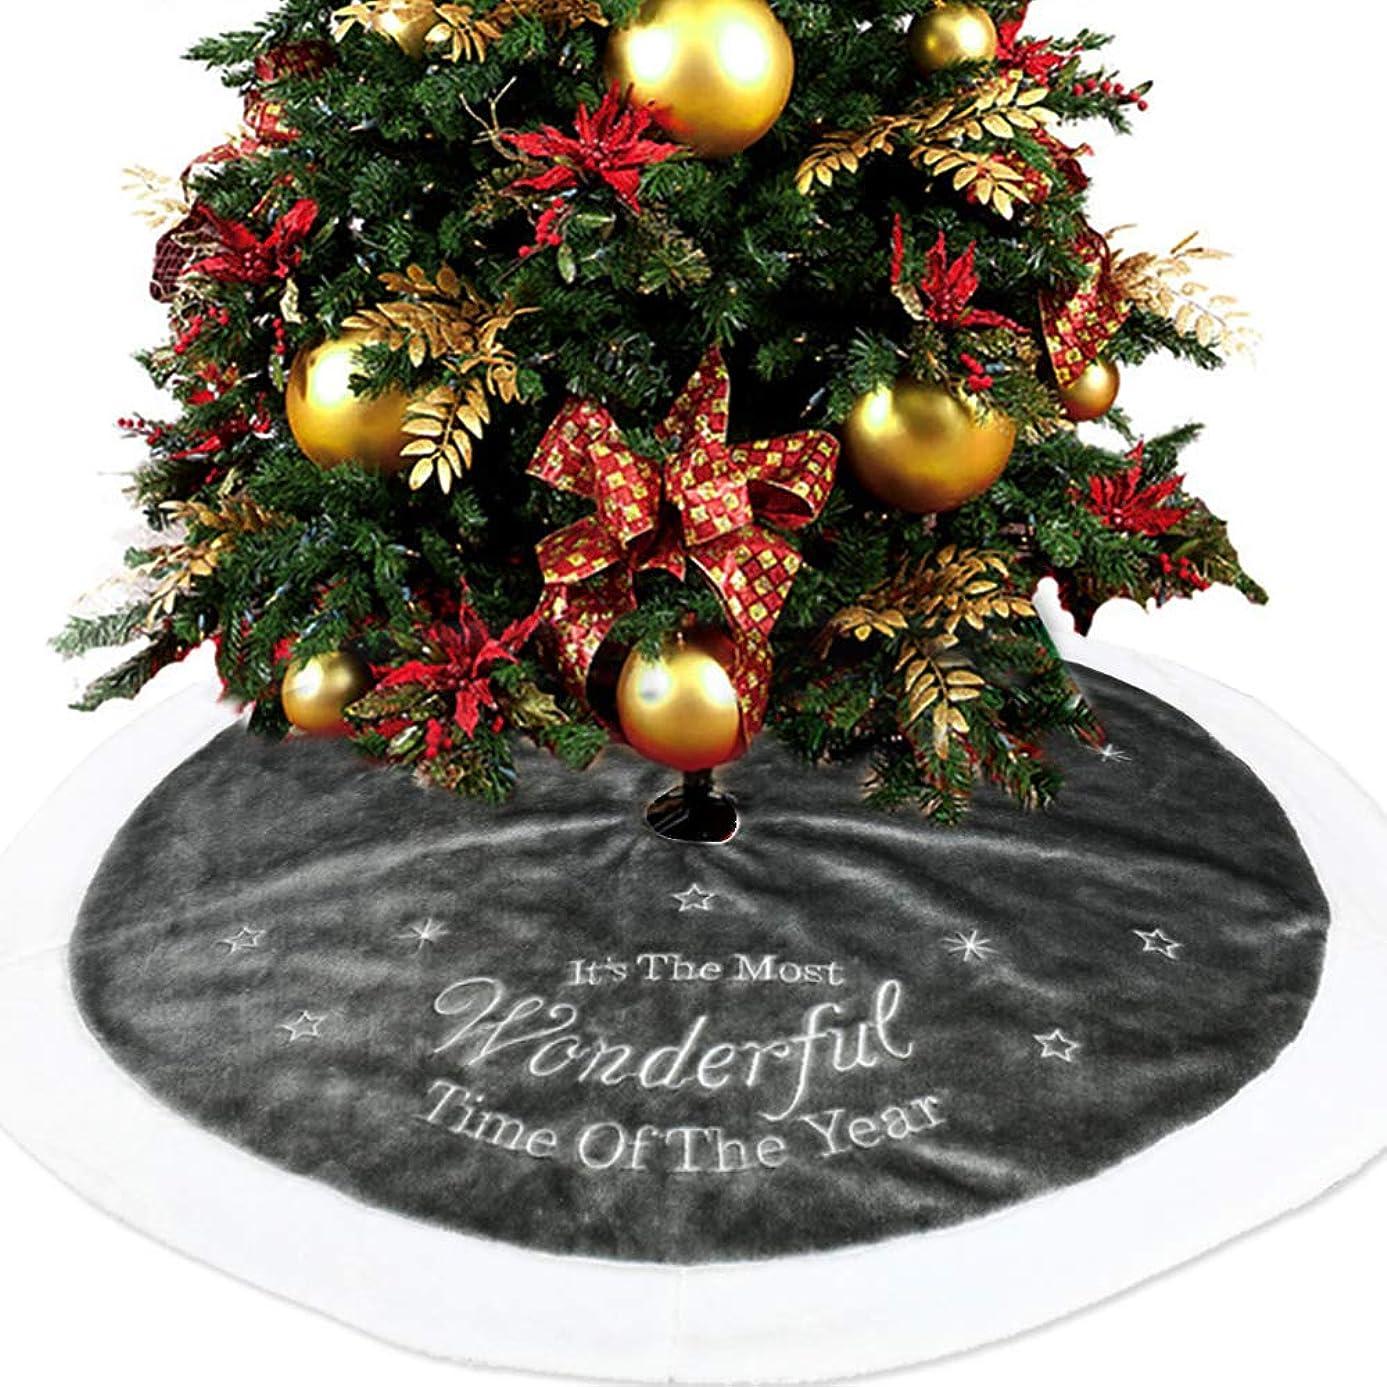 リハーサルエラー出会いHappyyoo クリスマスツリースカート 足元布 クリスマス飾り 円形 サンタクロース ツリースカート ホワイト ツリー下用 可愛い 豪華 ベースカバー オーナメント ツリースカート 飾りツリー (90cm)